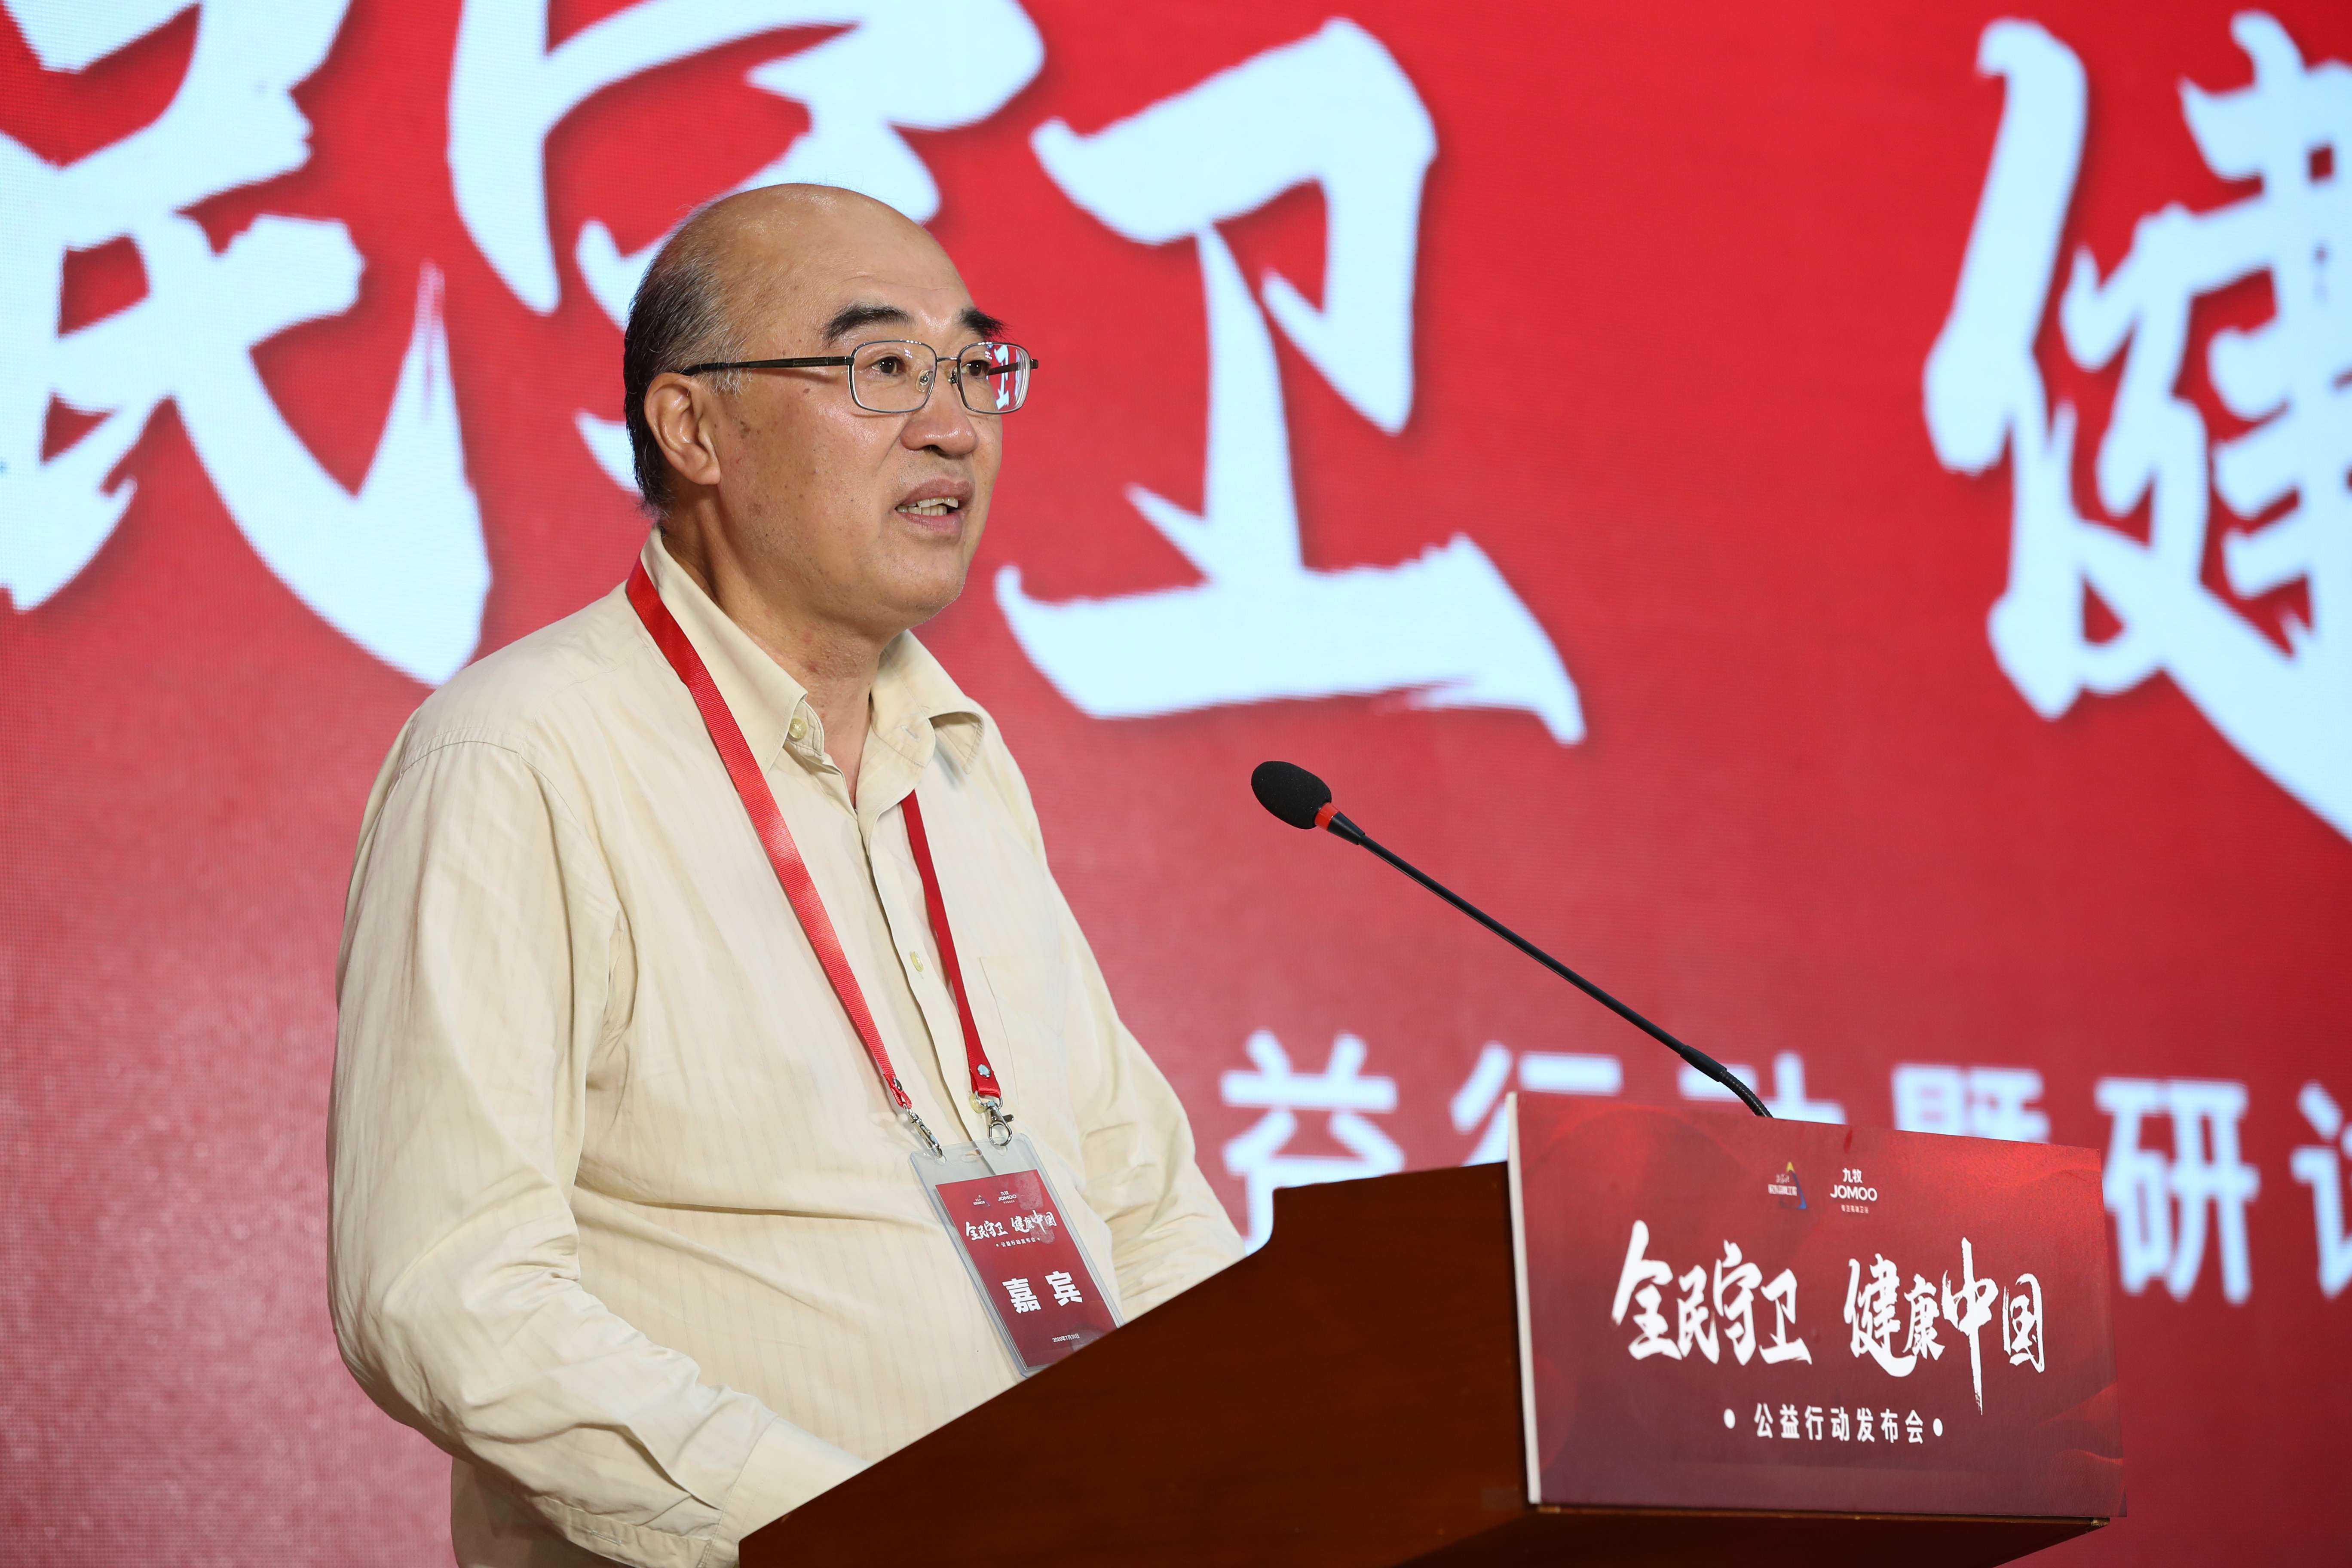 中国疾控中心改水中心副主任张荣致辞.jpg